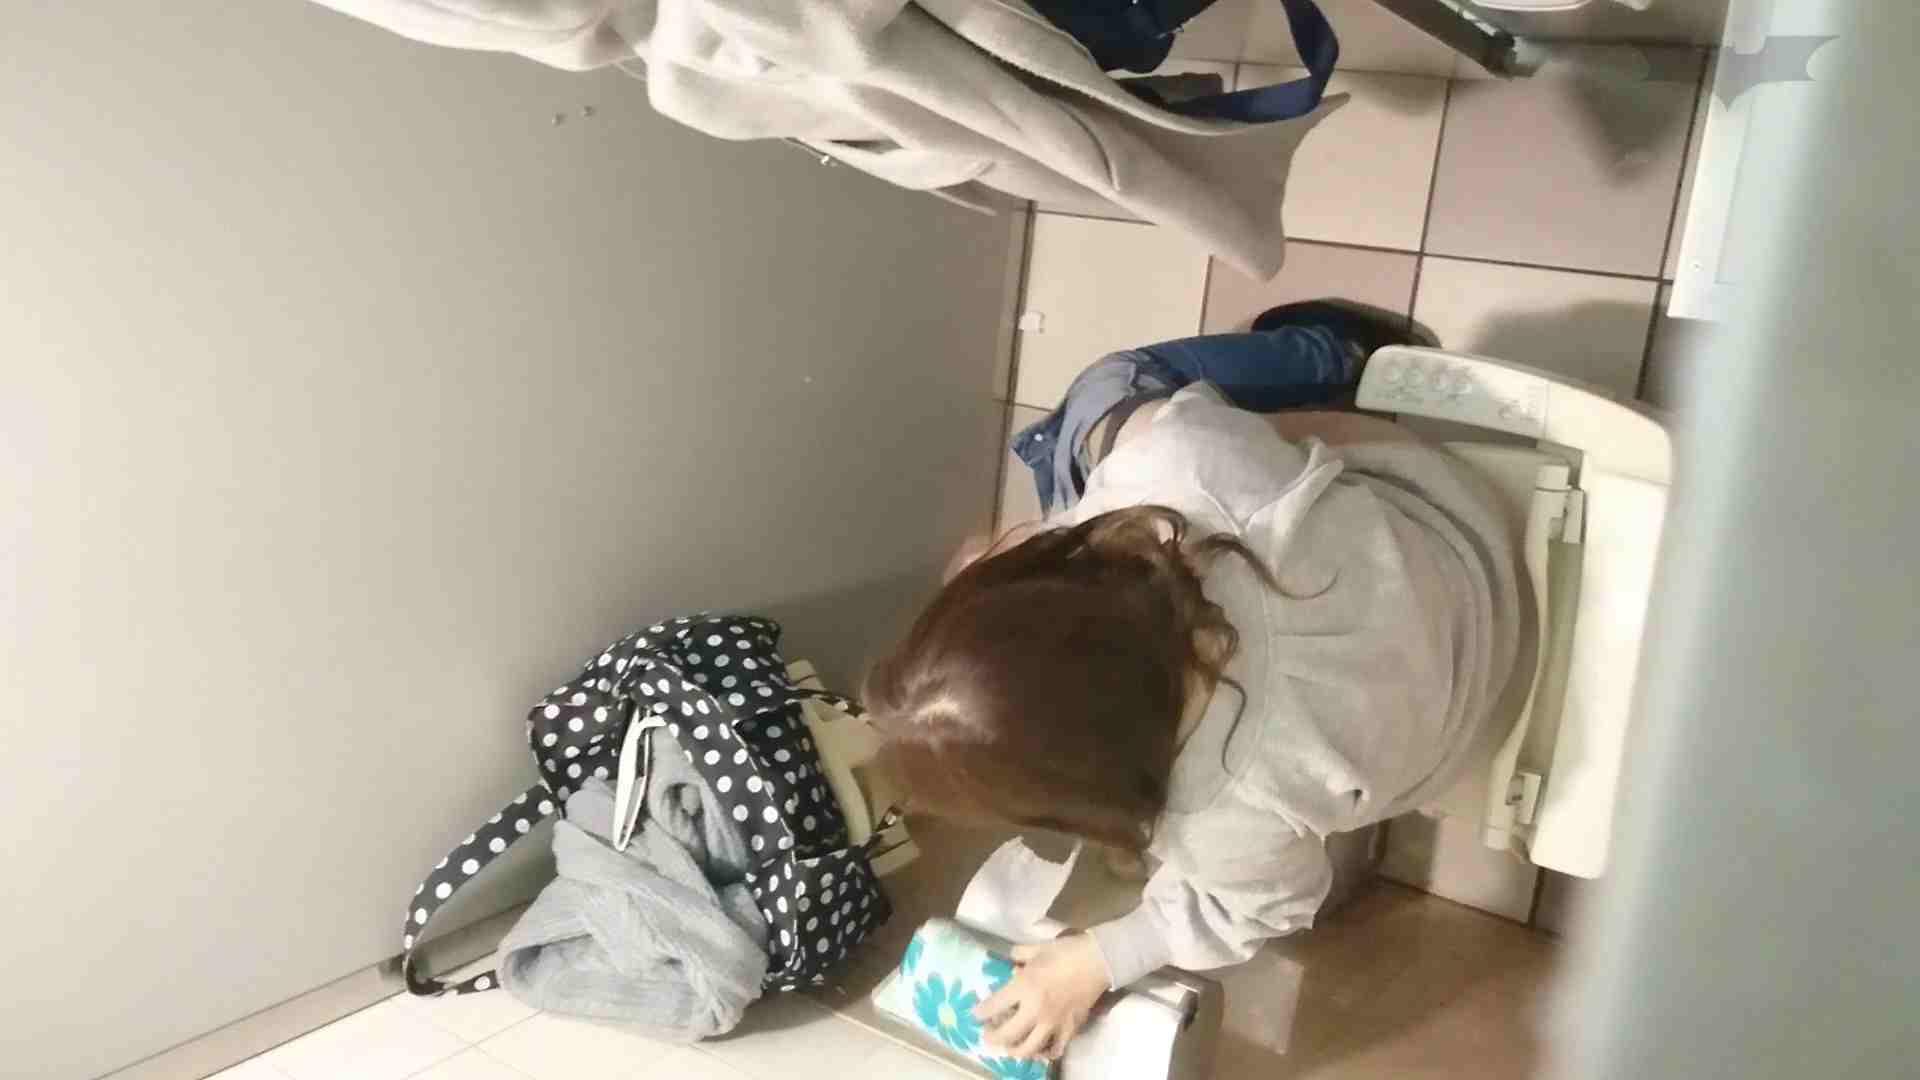 化粧室絵巻 ショッピングモール編 VOL.11 0  98連発 86